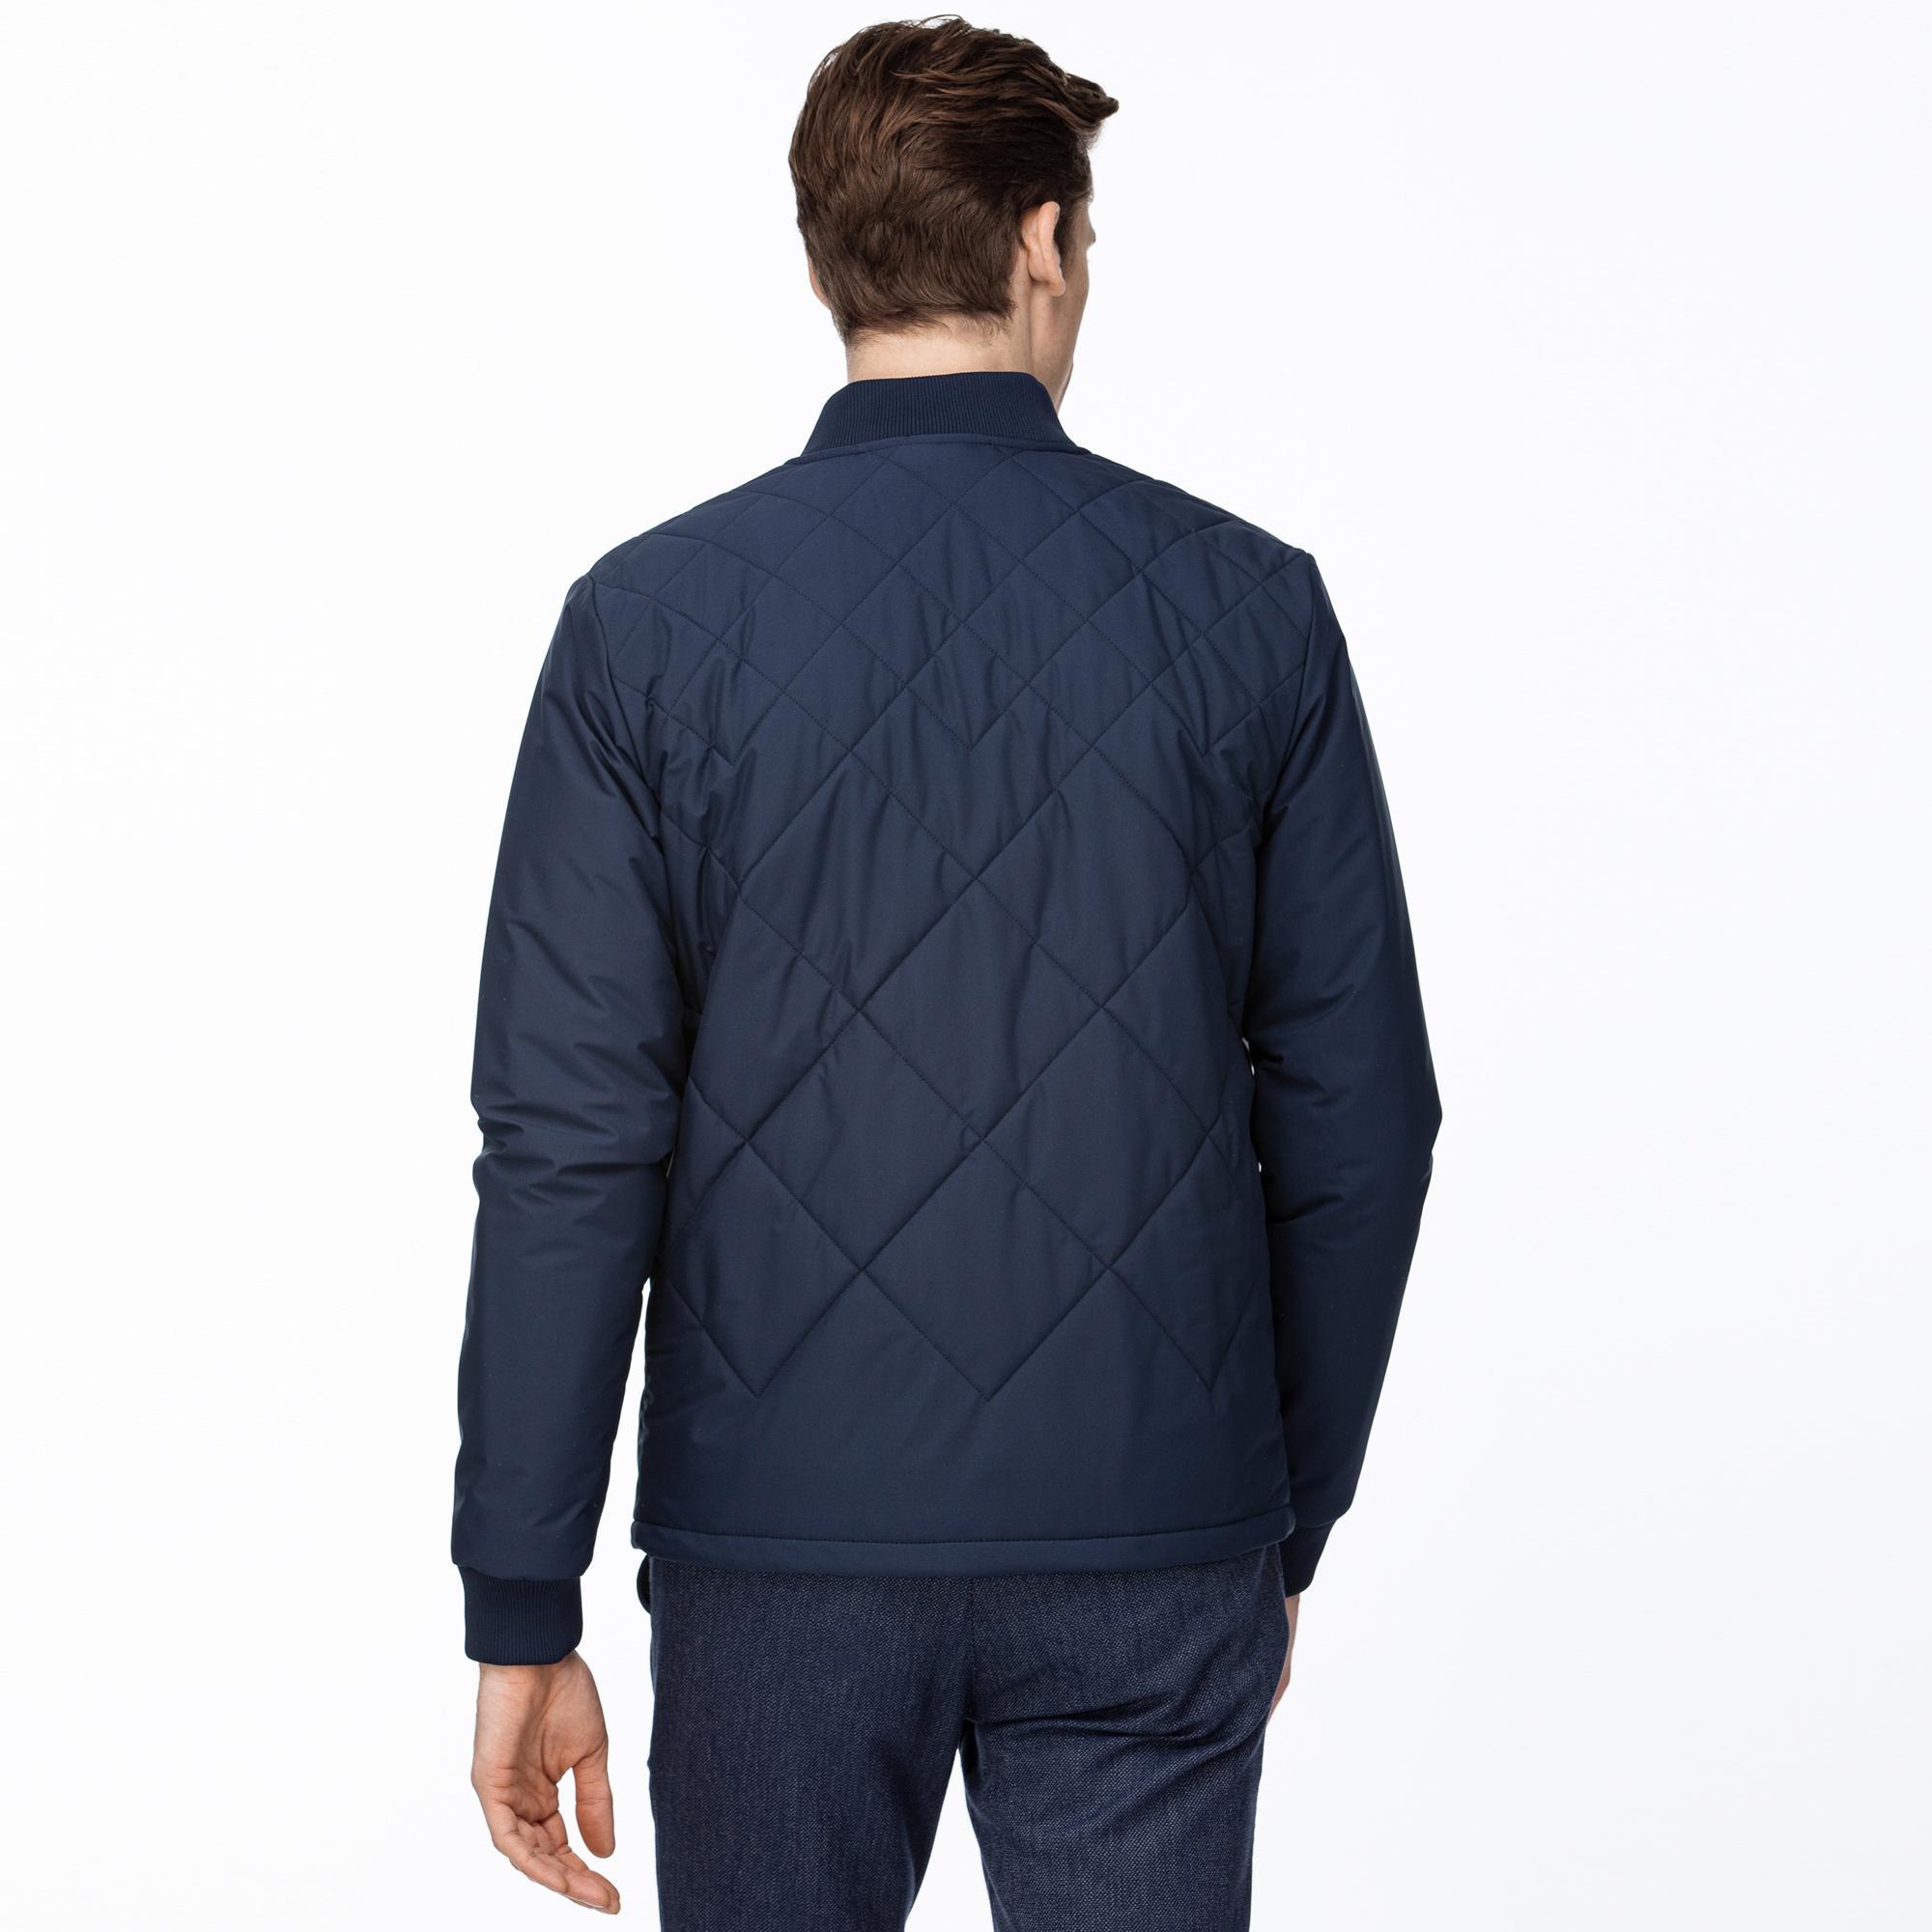 Lacoste Men's Quilted Zipped Sweatshirt